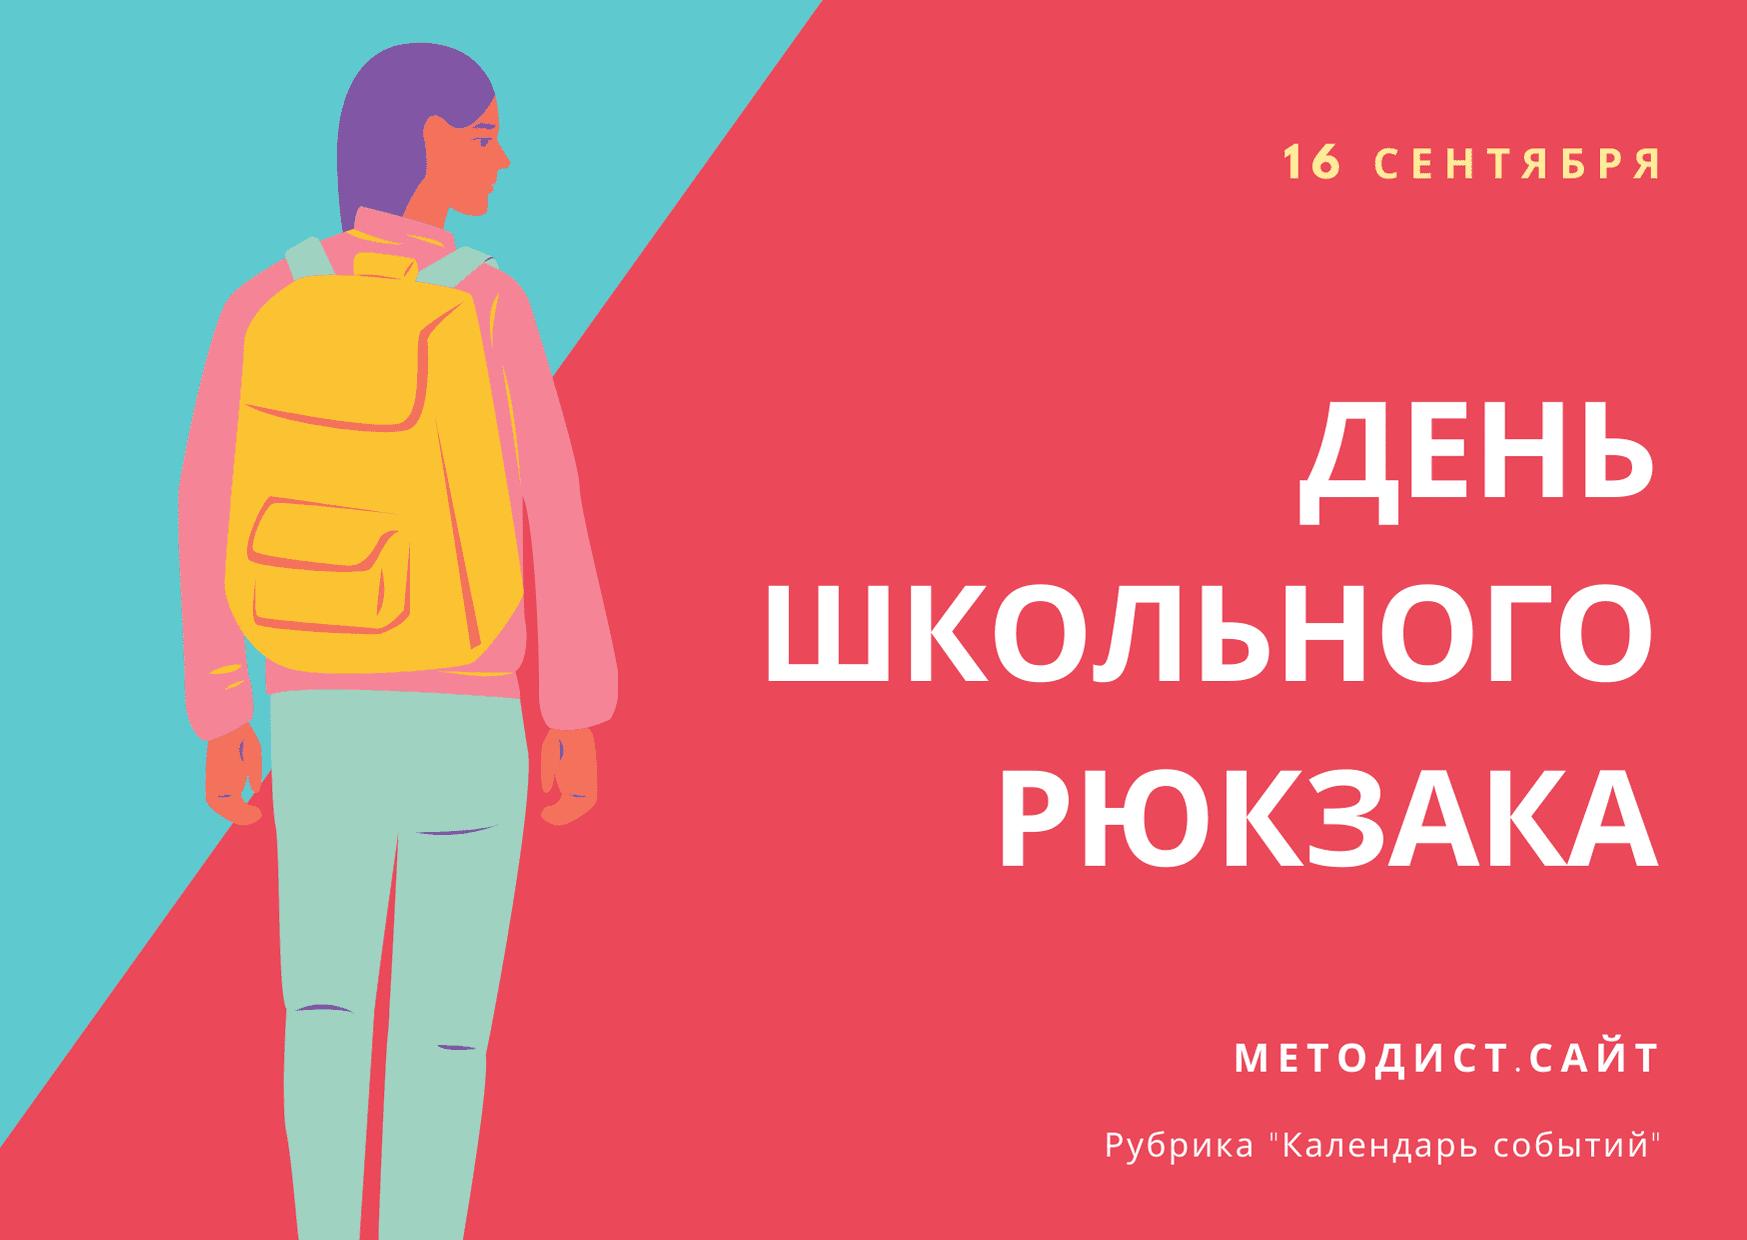 День школьного рюкзака - 16 сентября